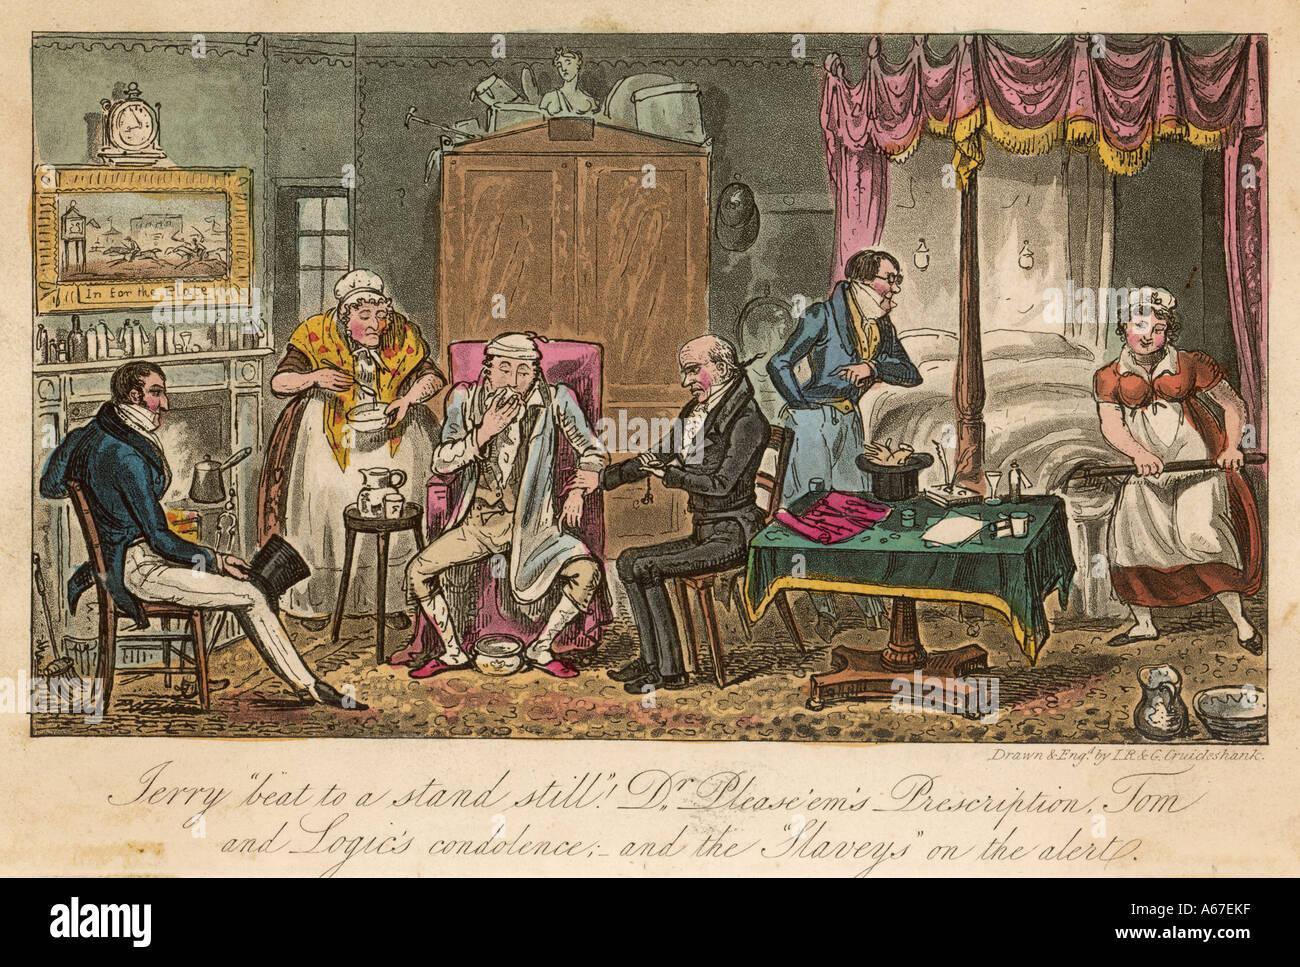 Egan Life In London 1820